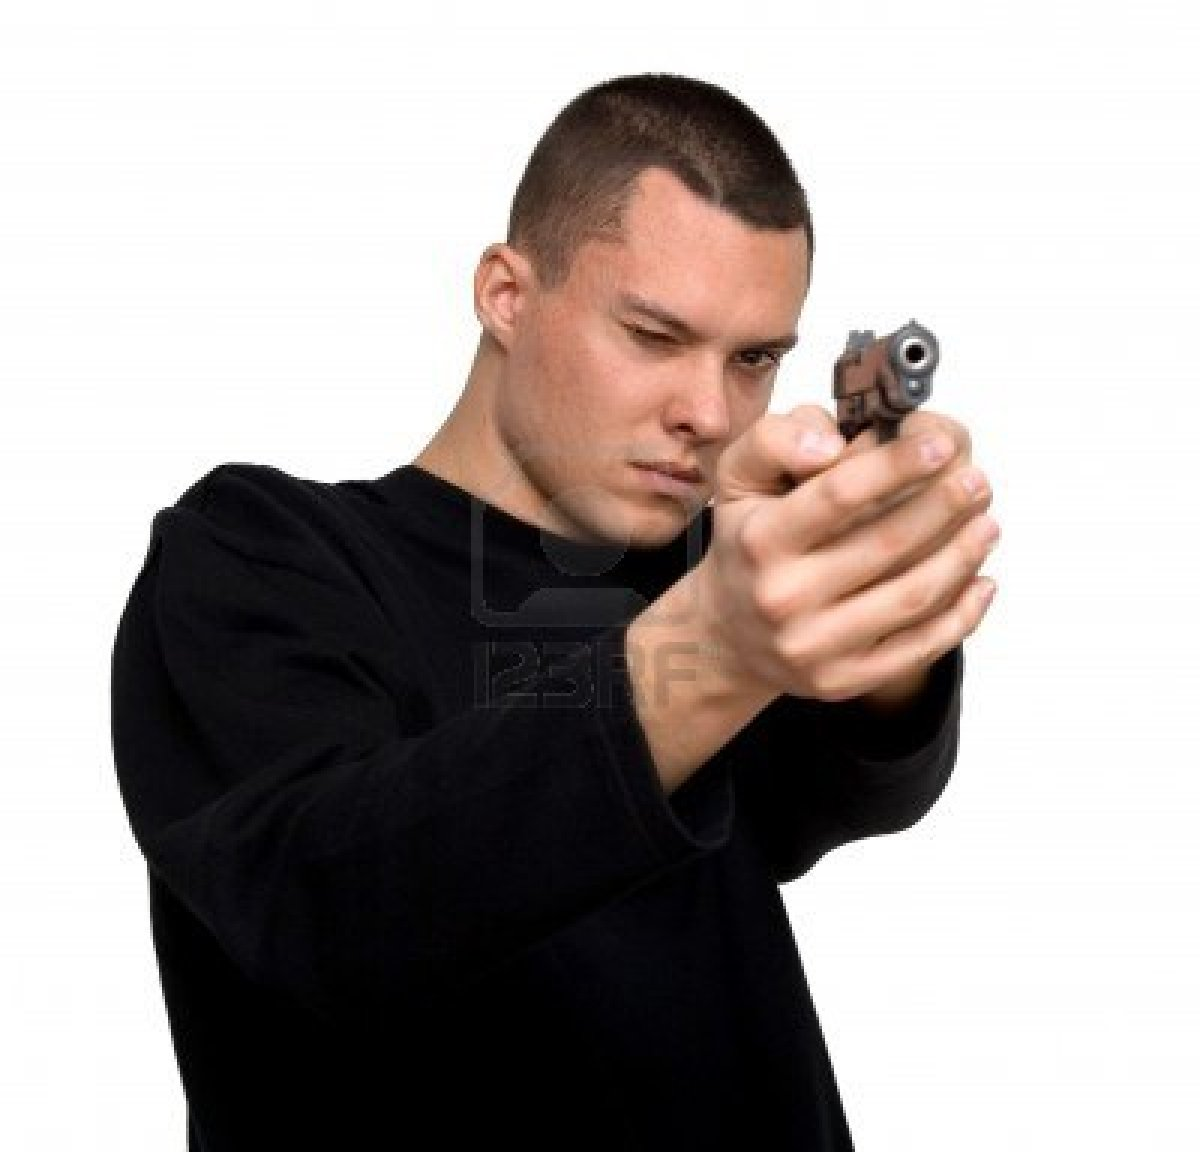 man with a gun – Mee...